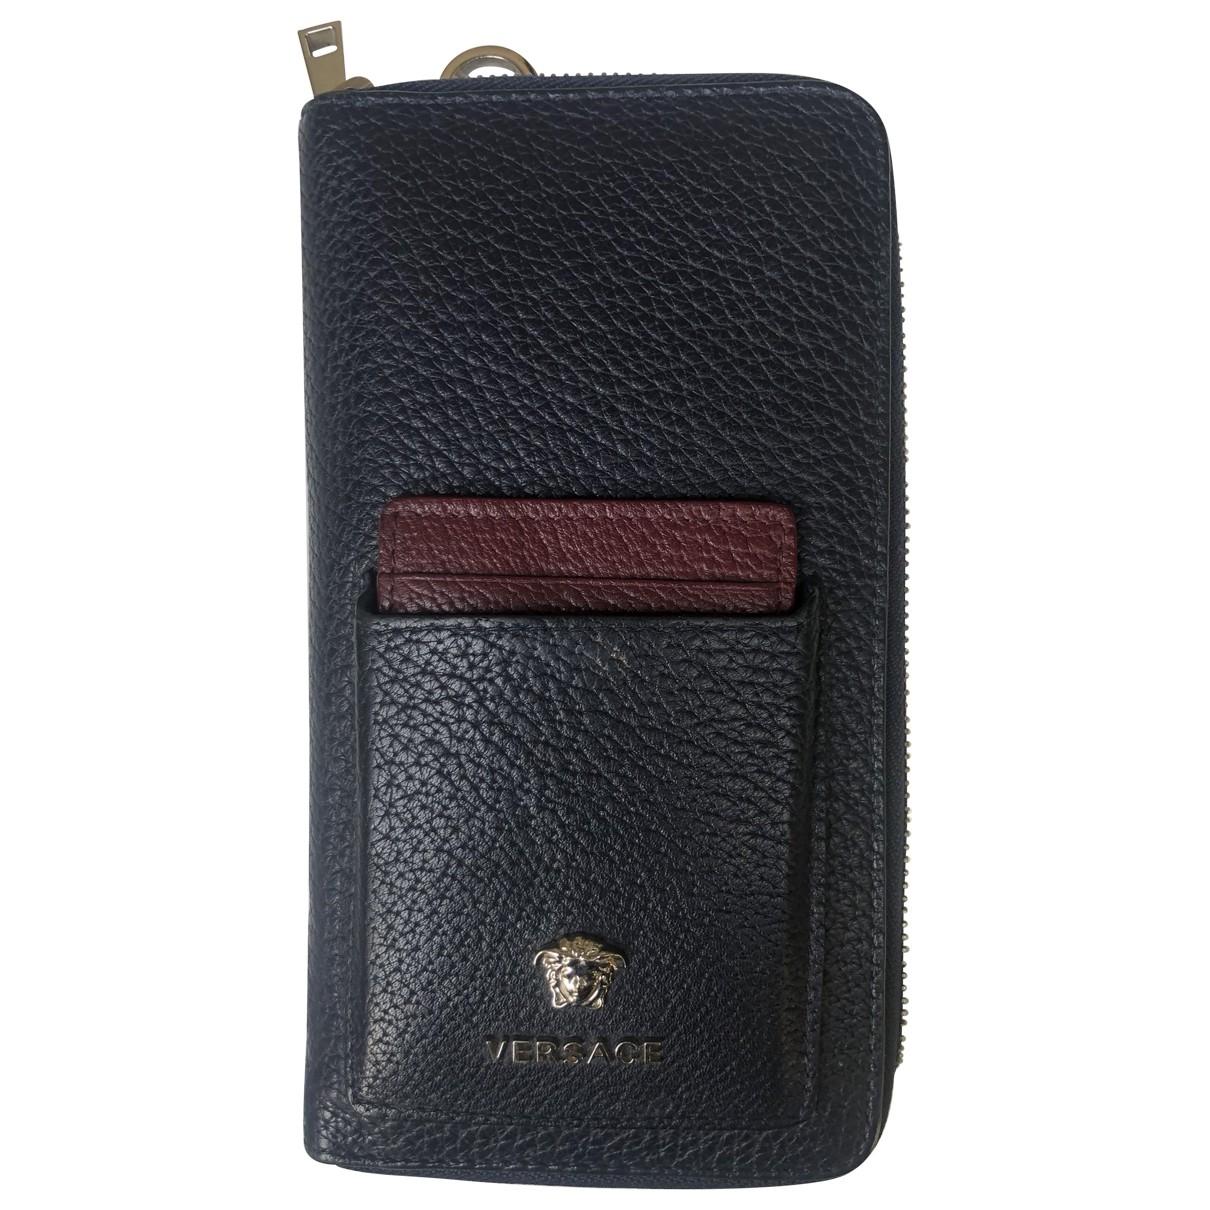 Versace \N Portemonnaie in  Blau Leder